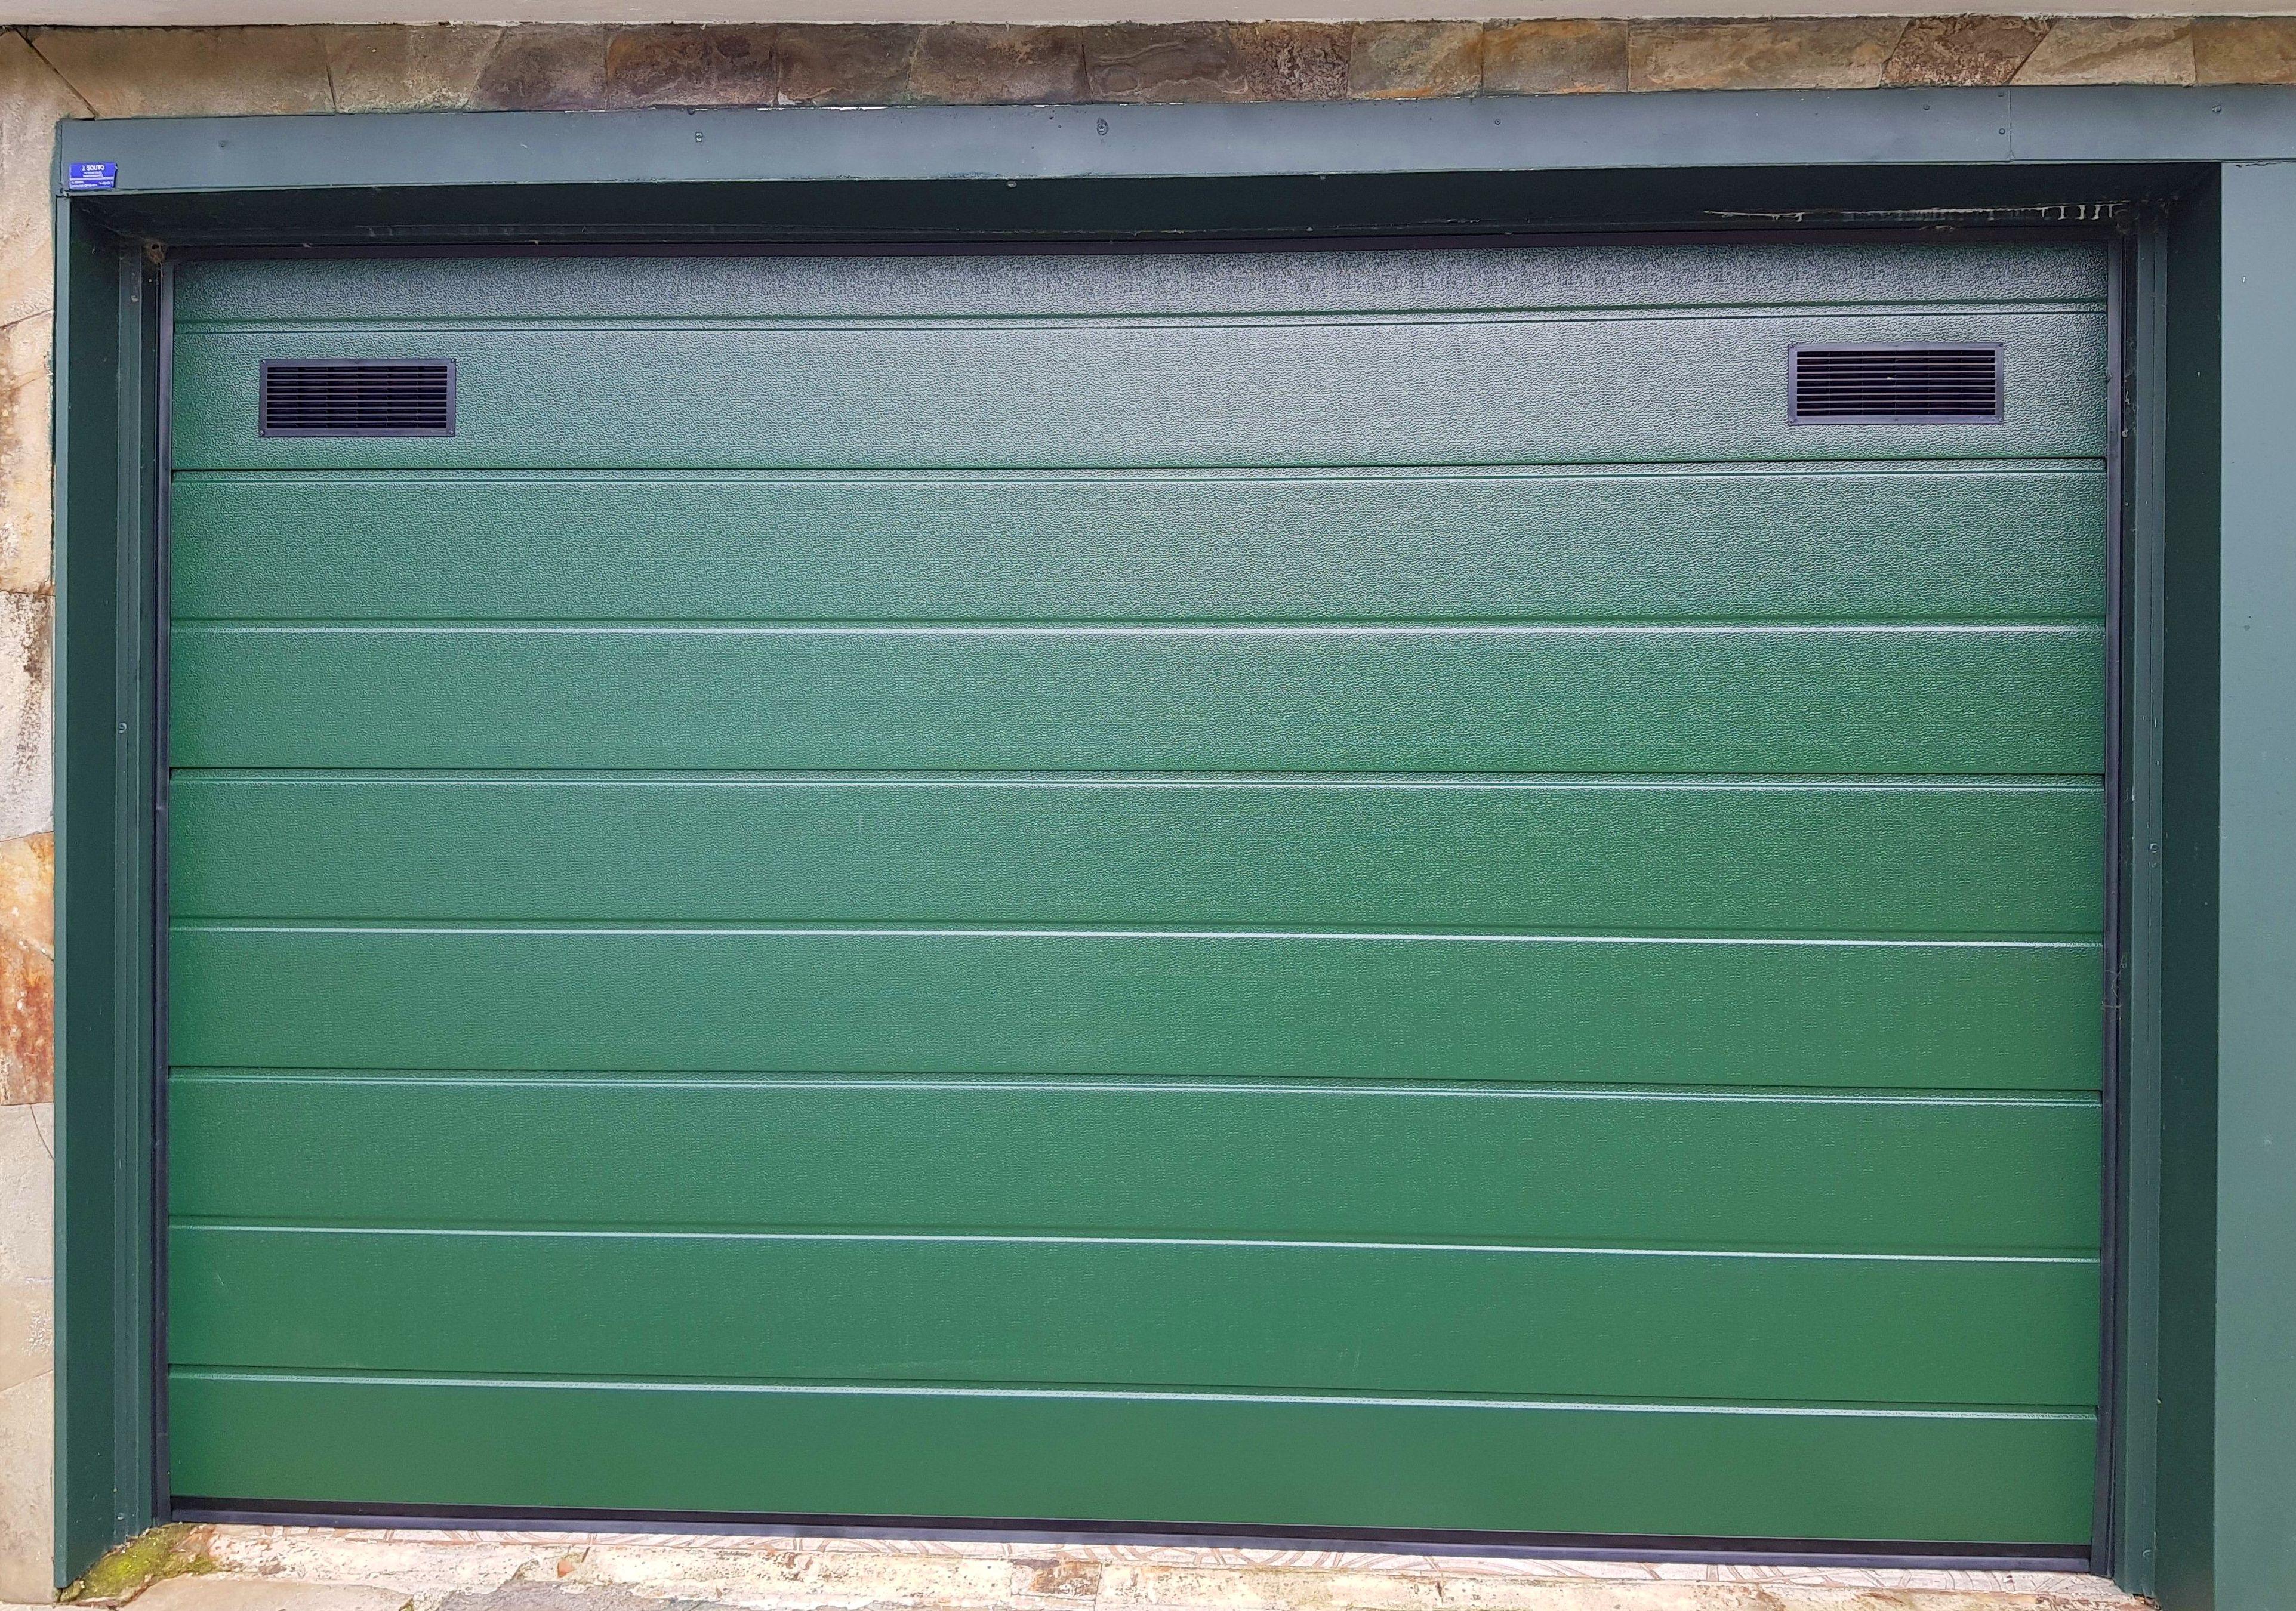 Puerta seccional residencial tableada con rejillas de ventilación en panel superior. RAL verde 6009.